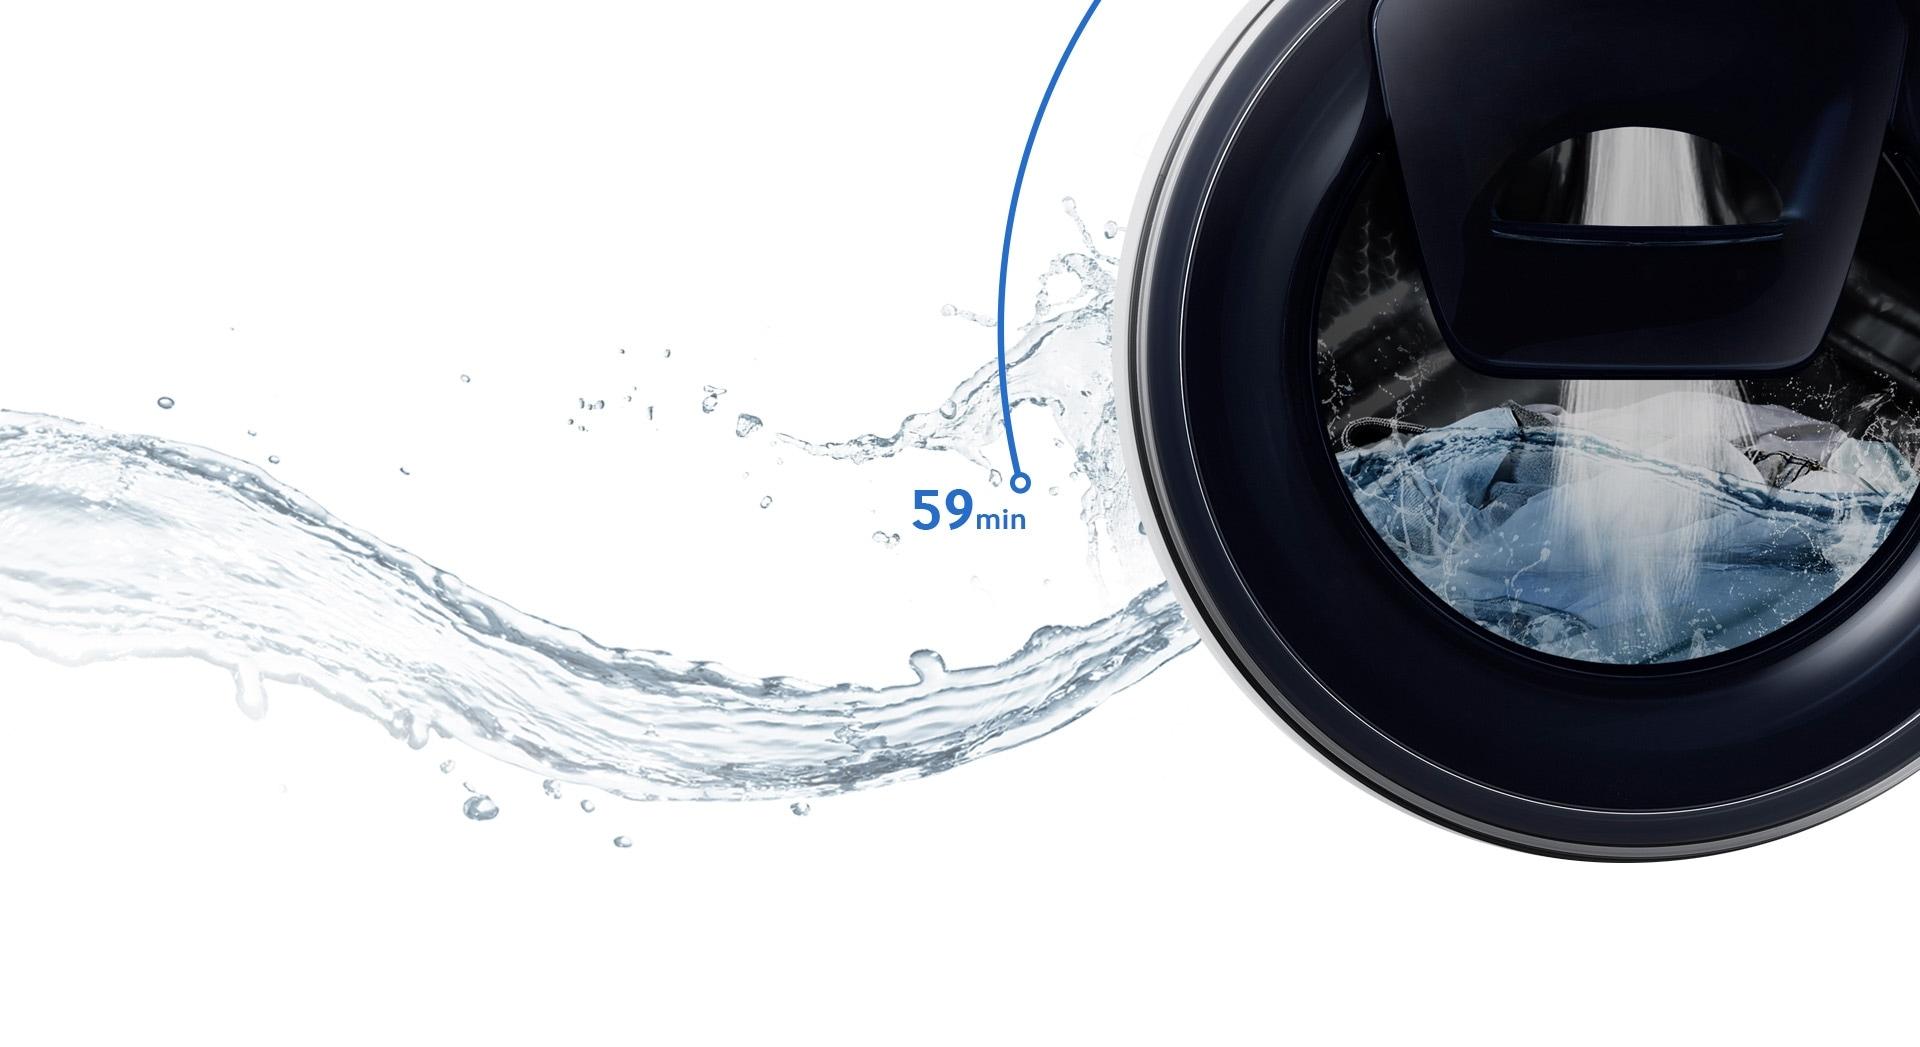 Image montrant que l'intégralité du cycle de lavage - lavage, rinçage et séchage inclus - dure 59 minutes au total.